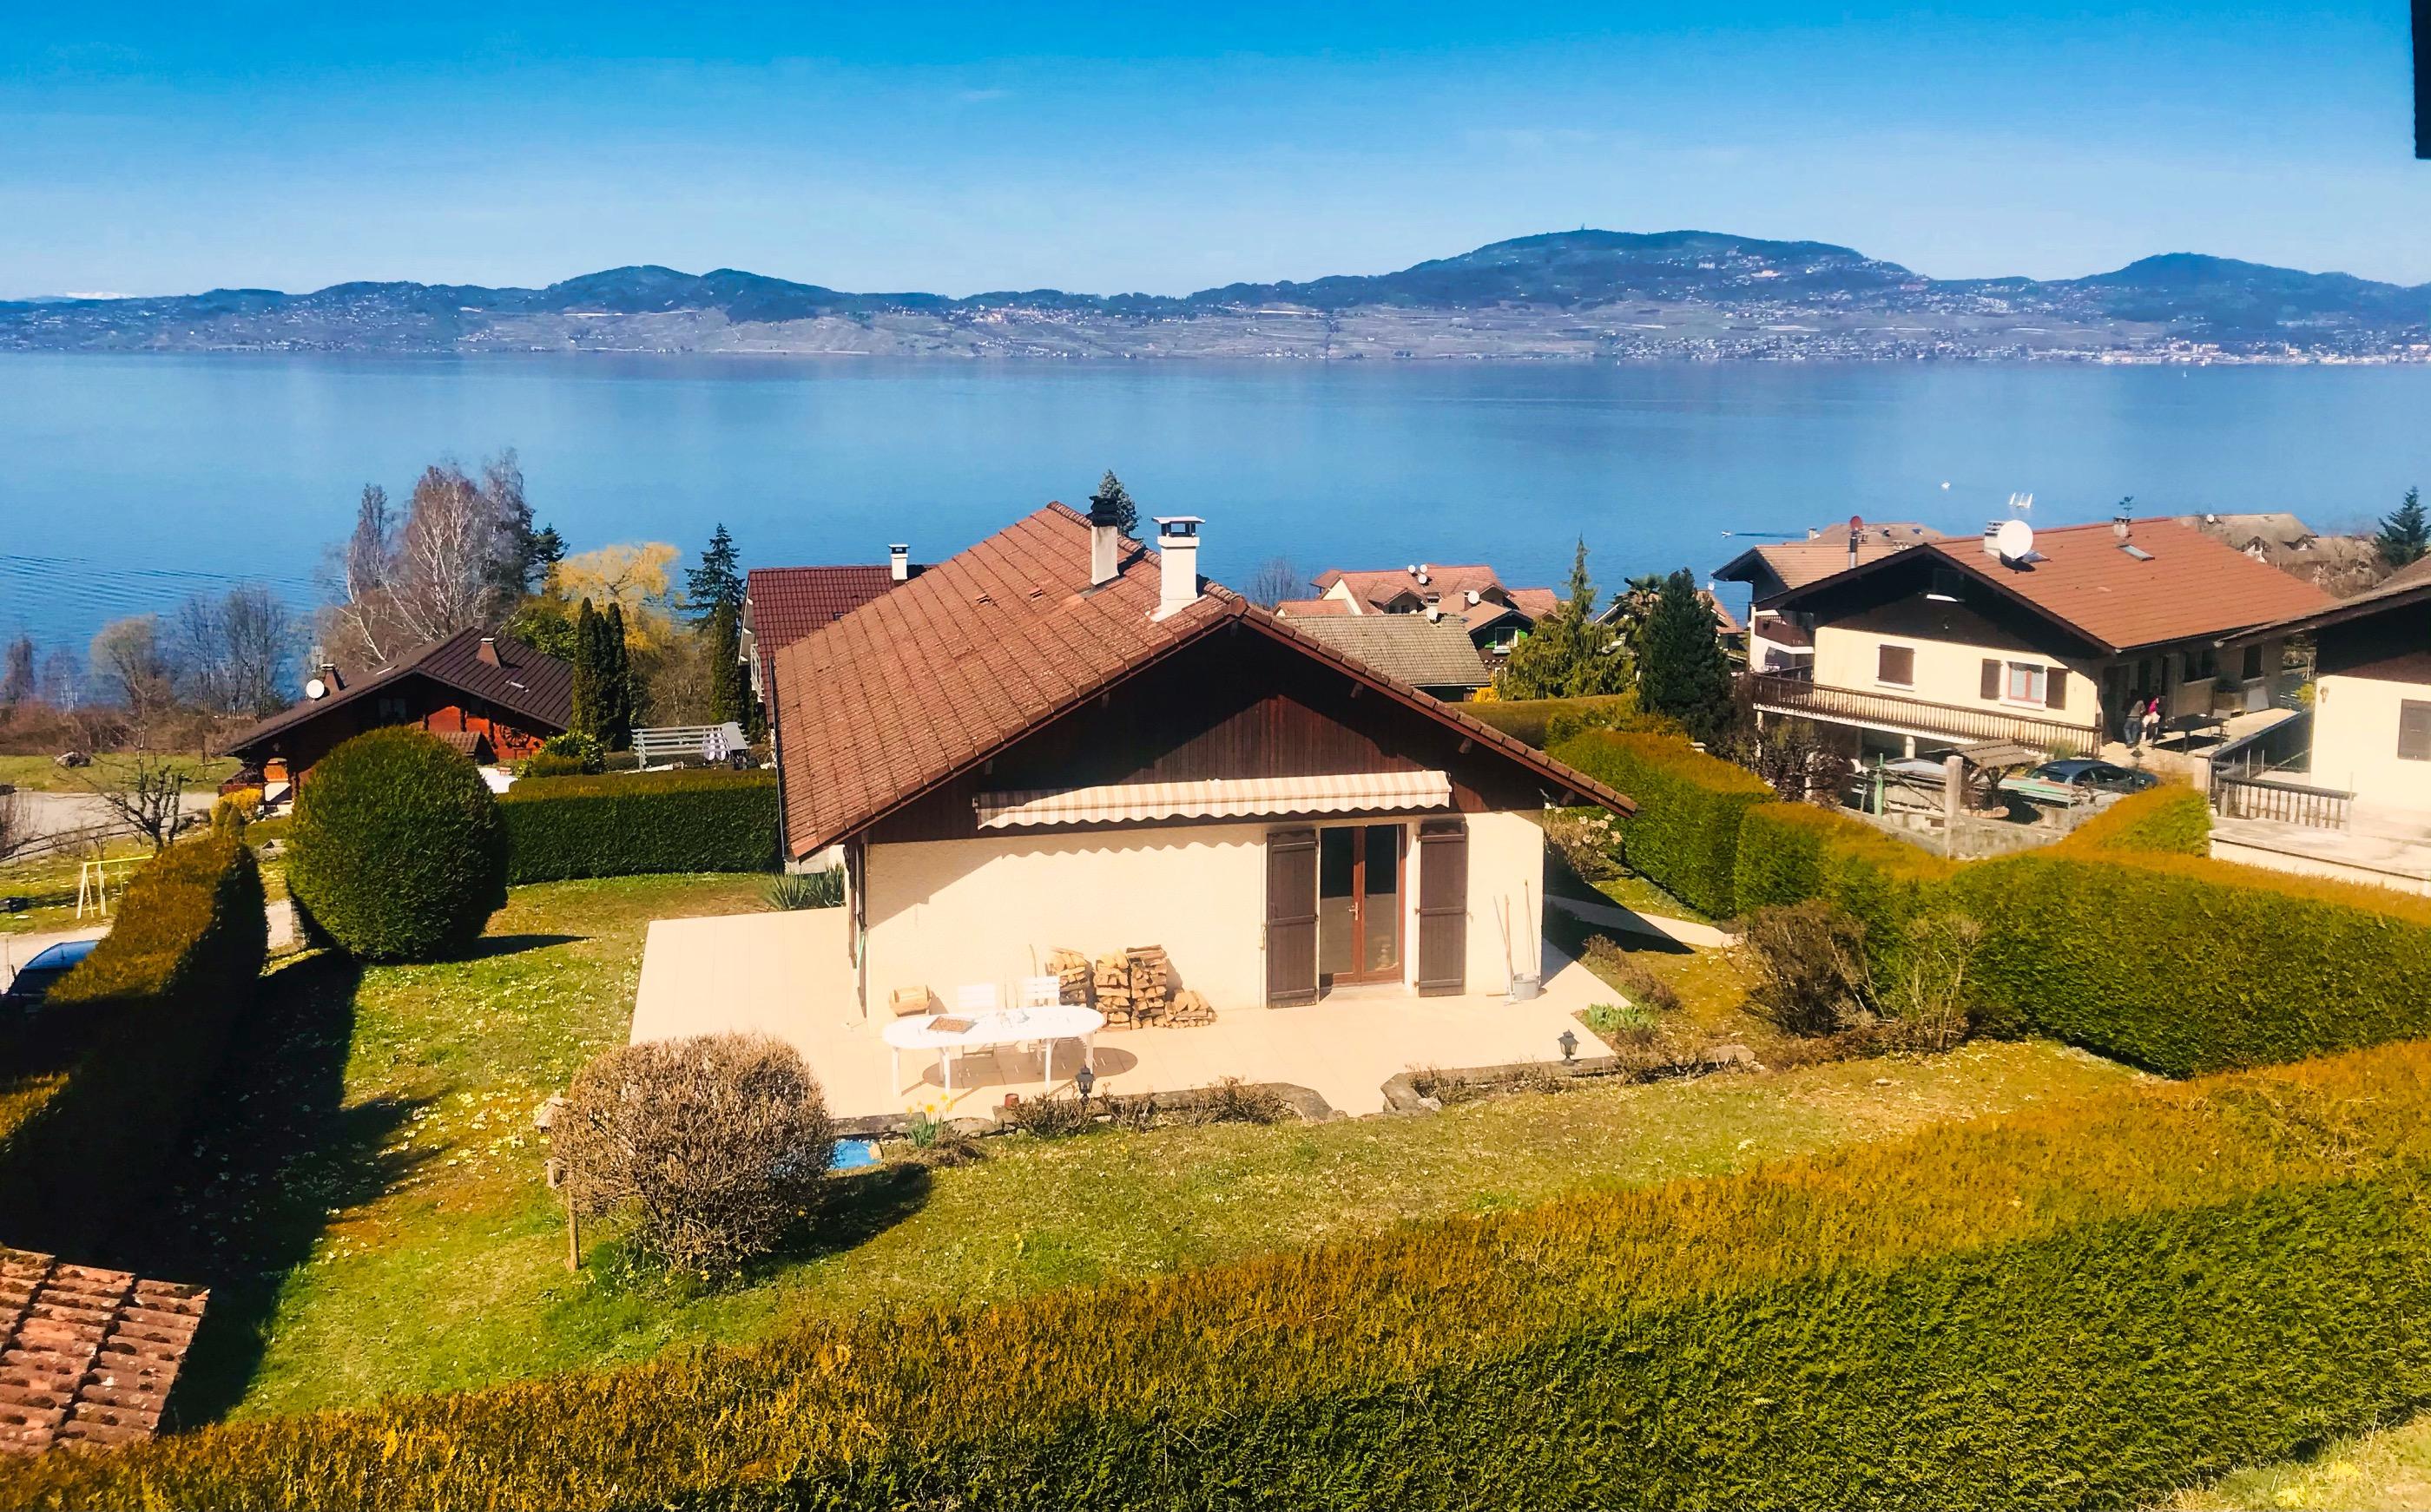 купить дом женевское озеро франция